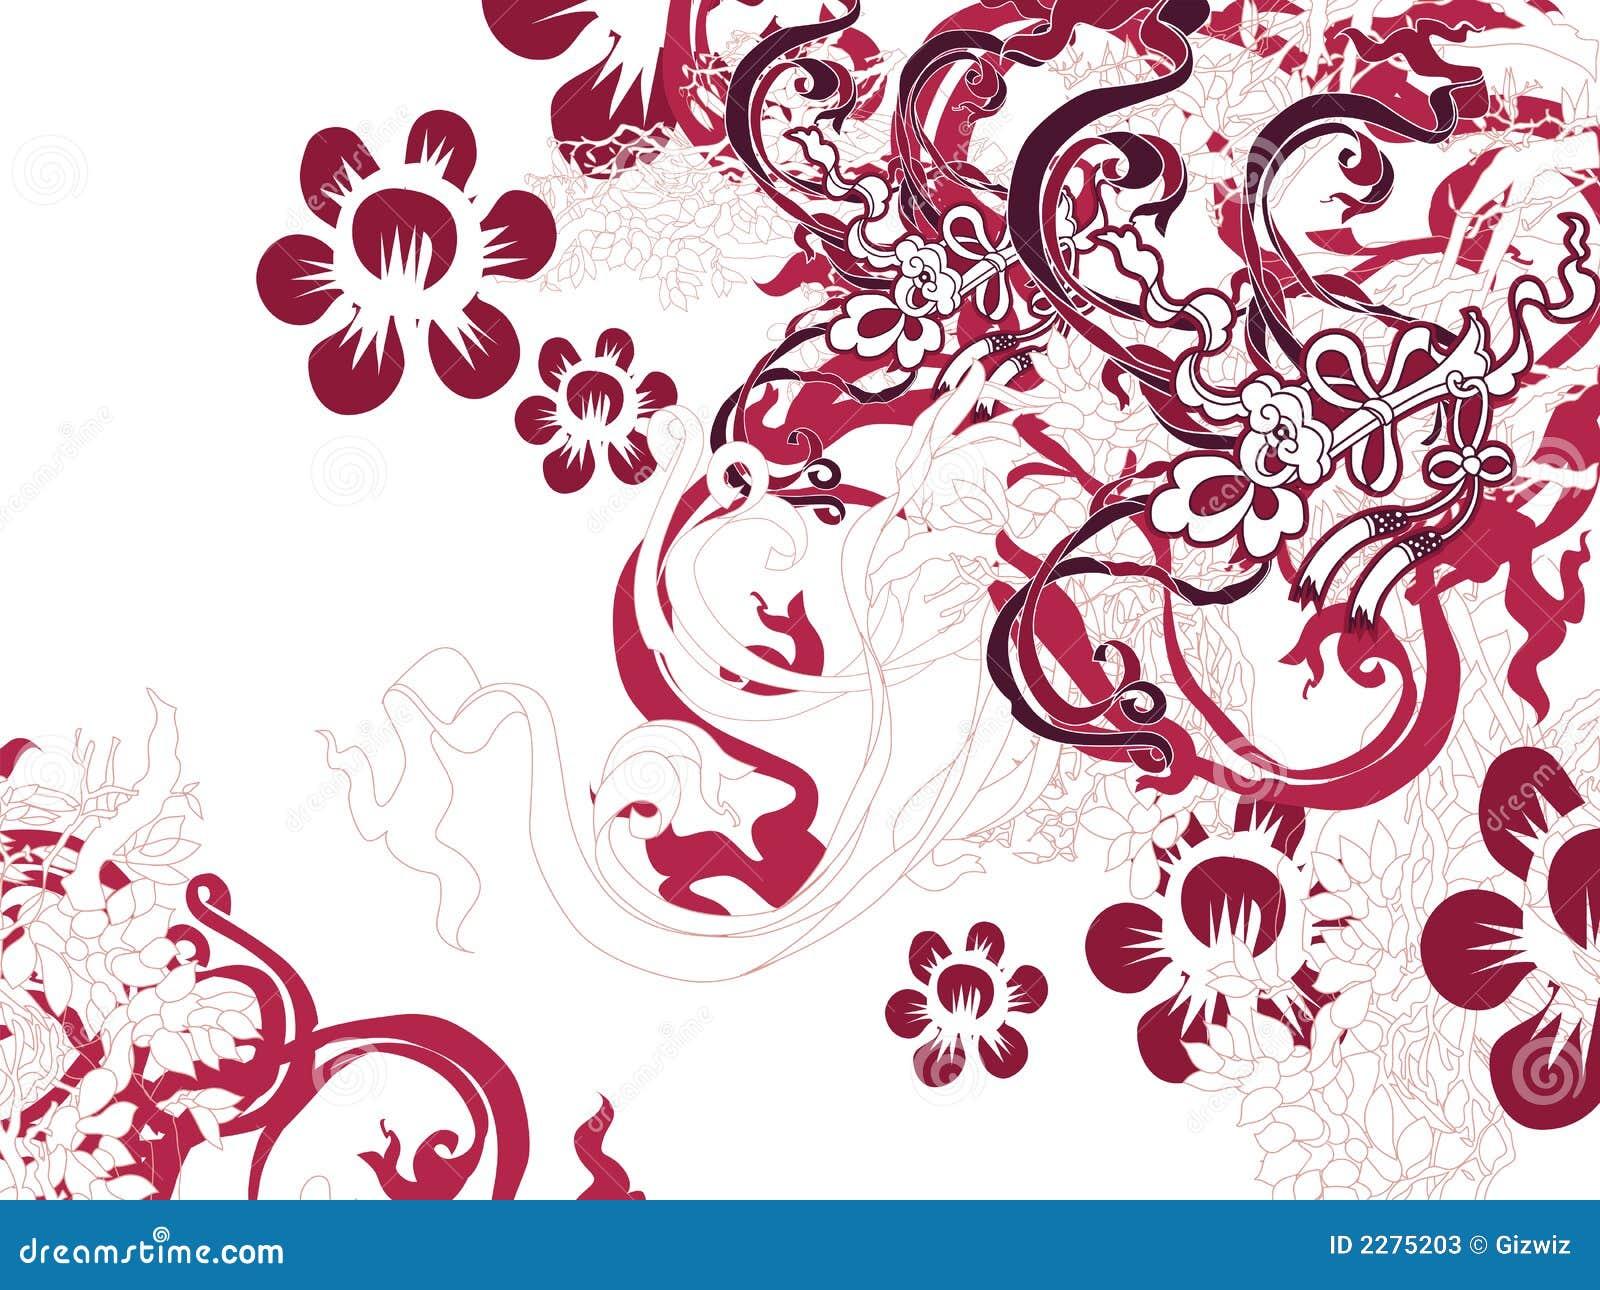 chinesische blumen bl te stockfotos bild 2275203. Black Bedroom Furniture Sets. Home Design Ideas